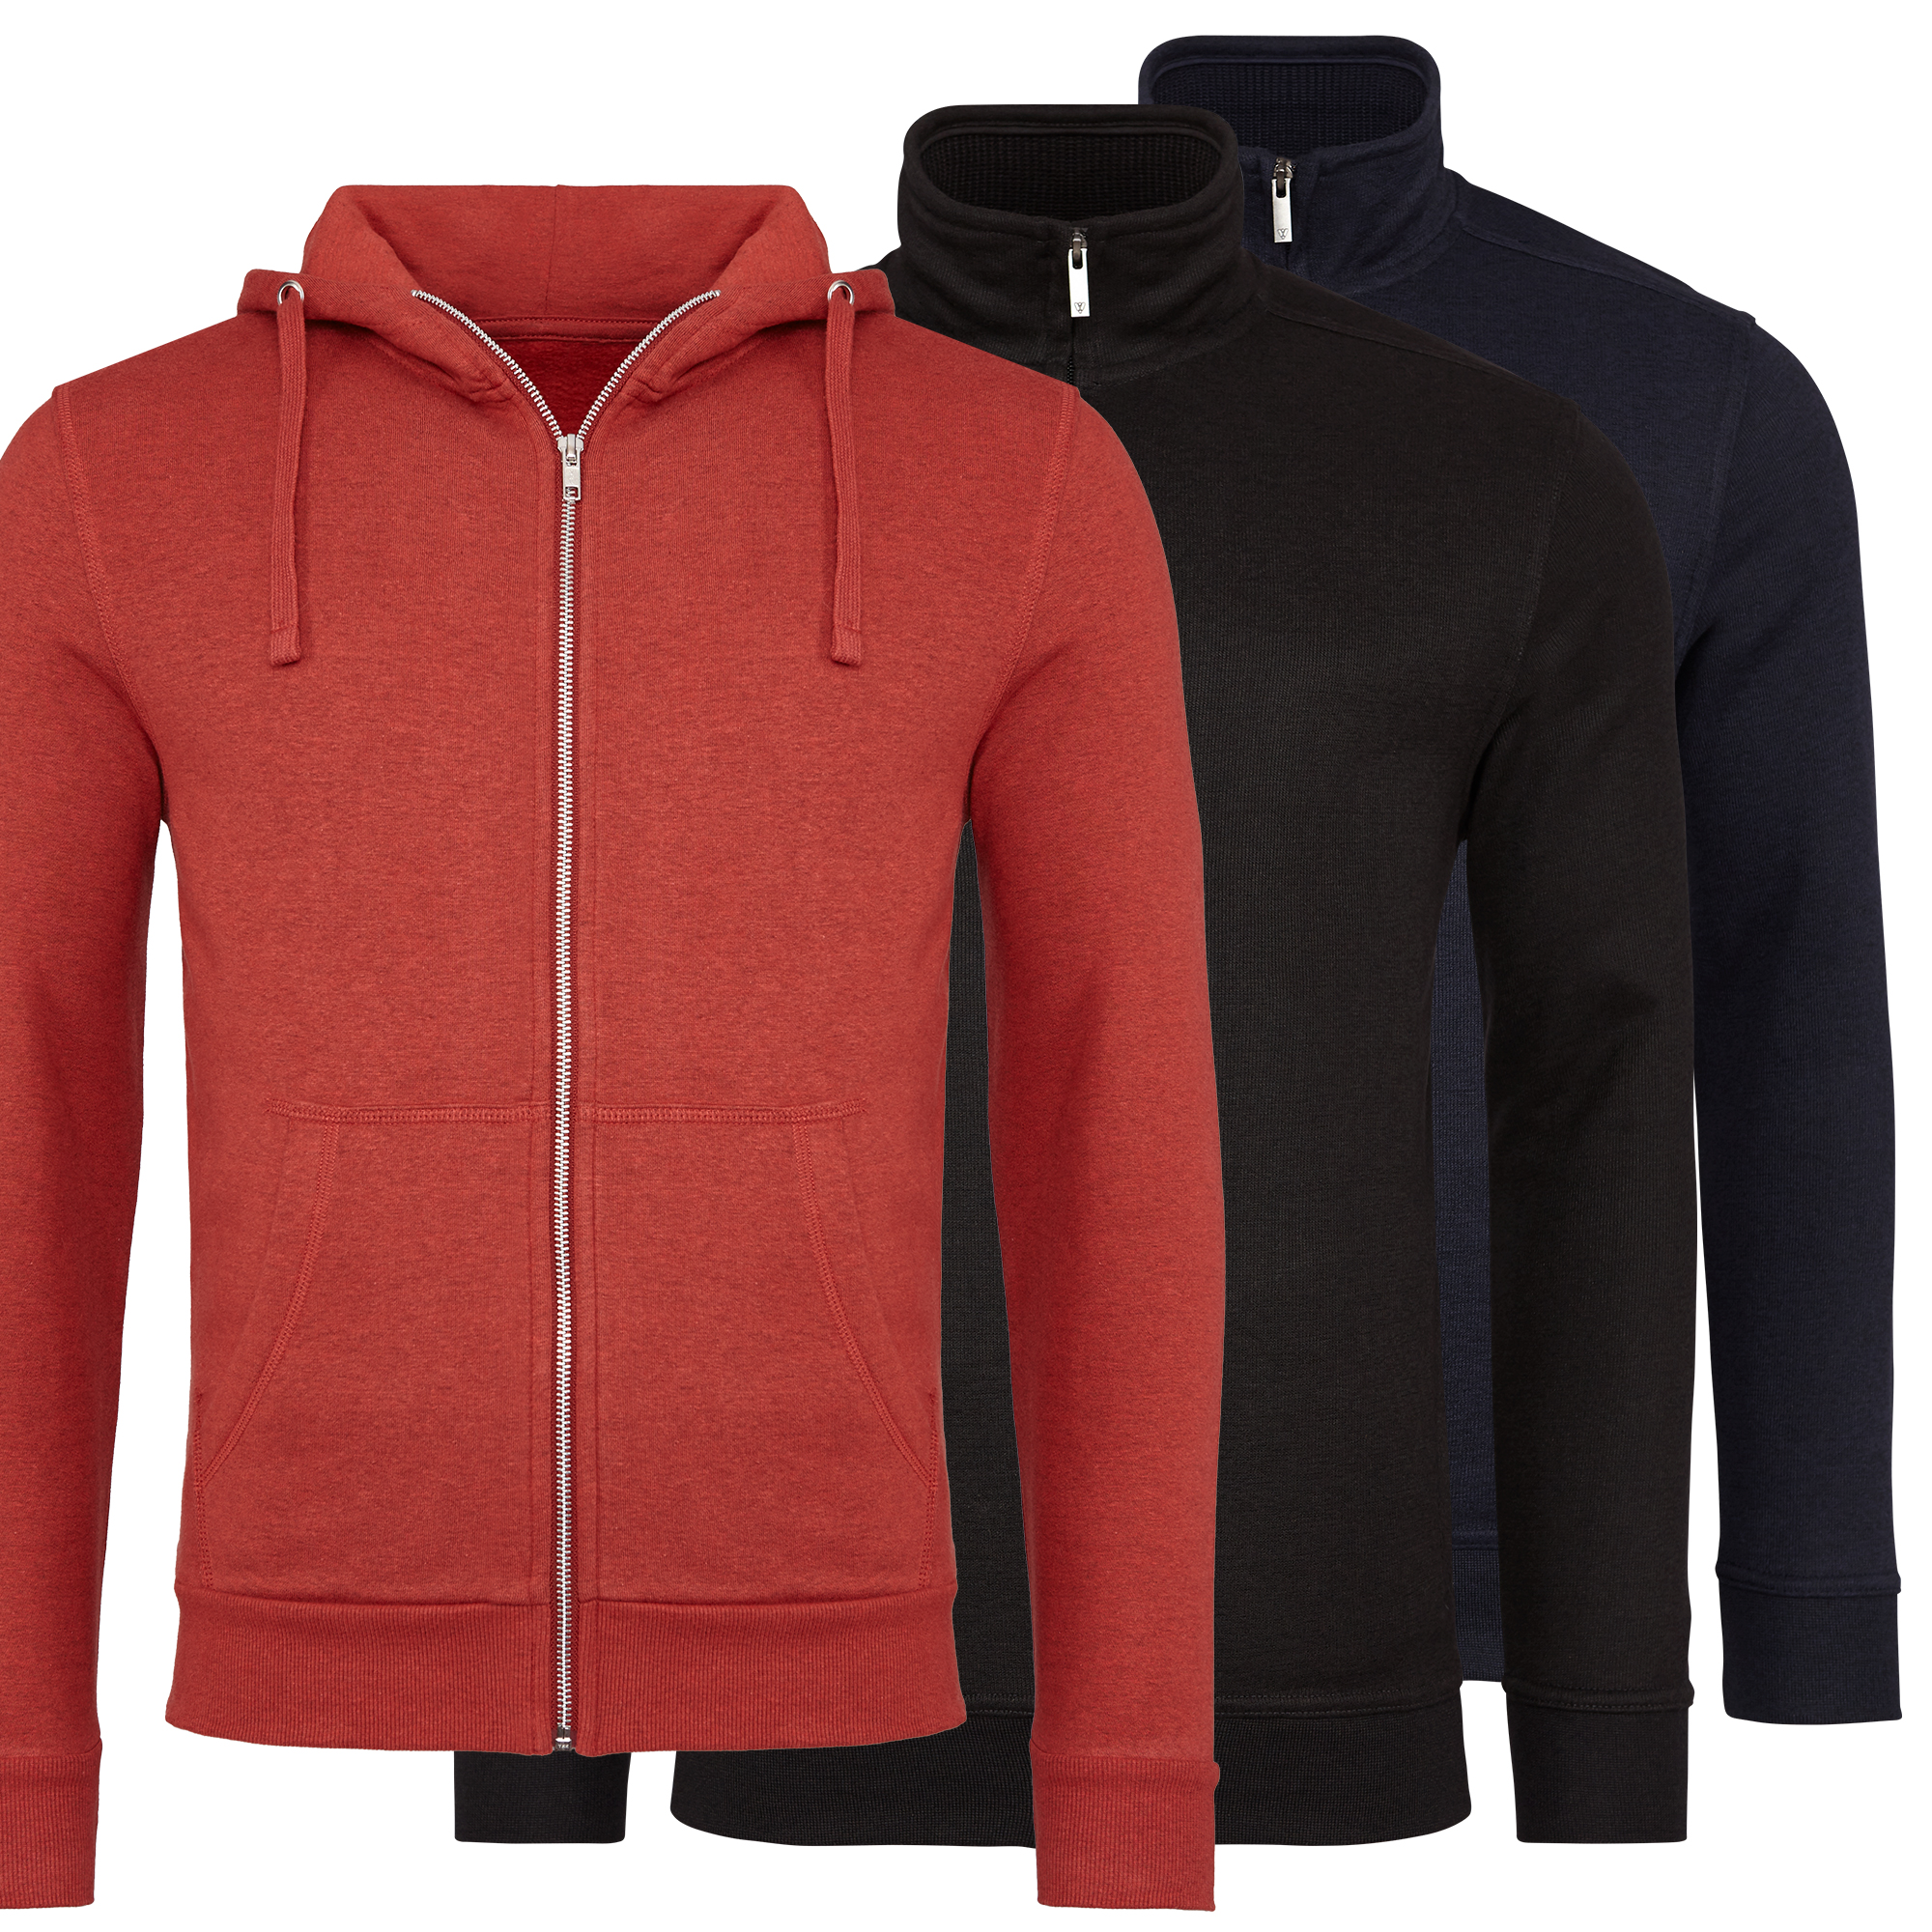 3er-Pack-Strickjacken-Cardigan-Jacke-Herren-verschiedene-Kombinationen